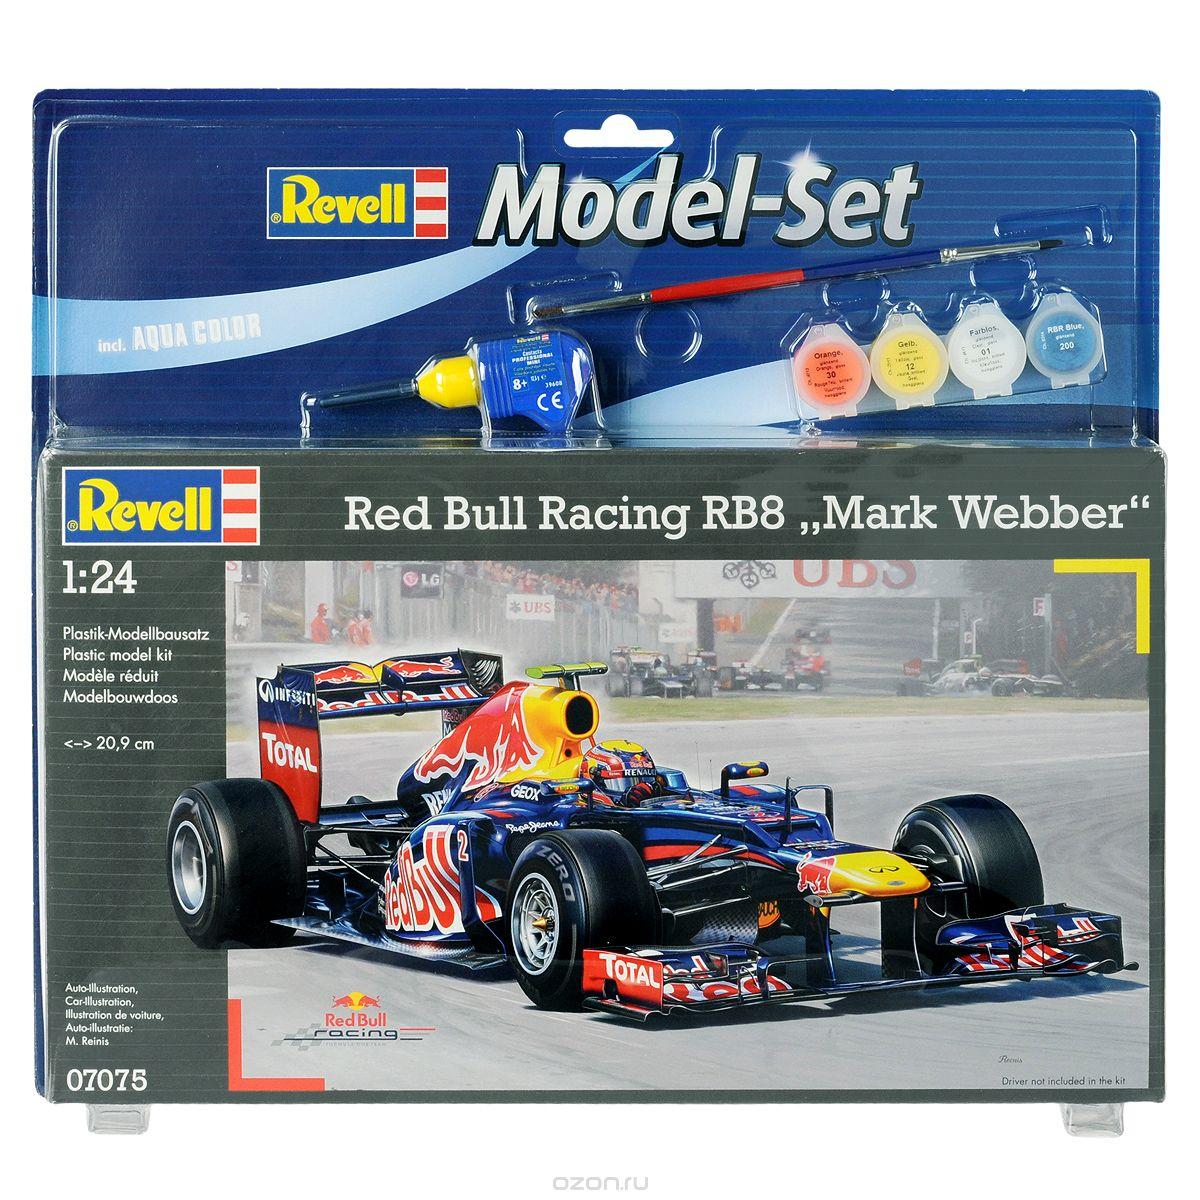 Revell Набор для сборки и раскрашивания модели Red Bull Racing RB8 Mark Webber07075Набор для сборки и раскрашивания модели Revell Автомобиль гоночный Red Bull Racing RB8 Mark Webber вы и ваш ребенок сможете собрать уменьшенную копию одноименного автомобиля. Red Bull RB8 - гоночный автомобиль с открытыми колёсами разработанный конструкторами команды Red Bull Racing для участия в Чемпионате мира сезона 2012 года. Данным автомобилем управляет австралийский гонщик Марк Уэббер. В сезонах 2010 и 2011 годов Марк занимал максимальное для себя третье место в общем зачете. Набор включает в себя 114 пластиковых элемента для сборки модели, краски четырех цветов, двустороннюю кисточку, клей и схематичную инструкцию по сборке. Благодаря набору ваш ребенок научится различать цвета, творчески решать поставленные задачи, разовьет интеллектуальные и инструментальные способности, воображение, конструктивное мышление, внимание, терпение и кругозор. Уровень сложности: 3.